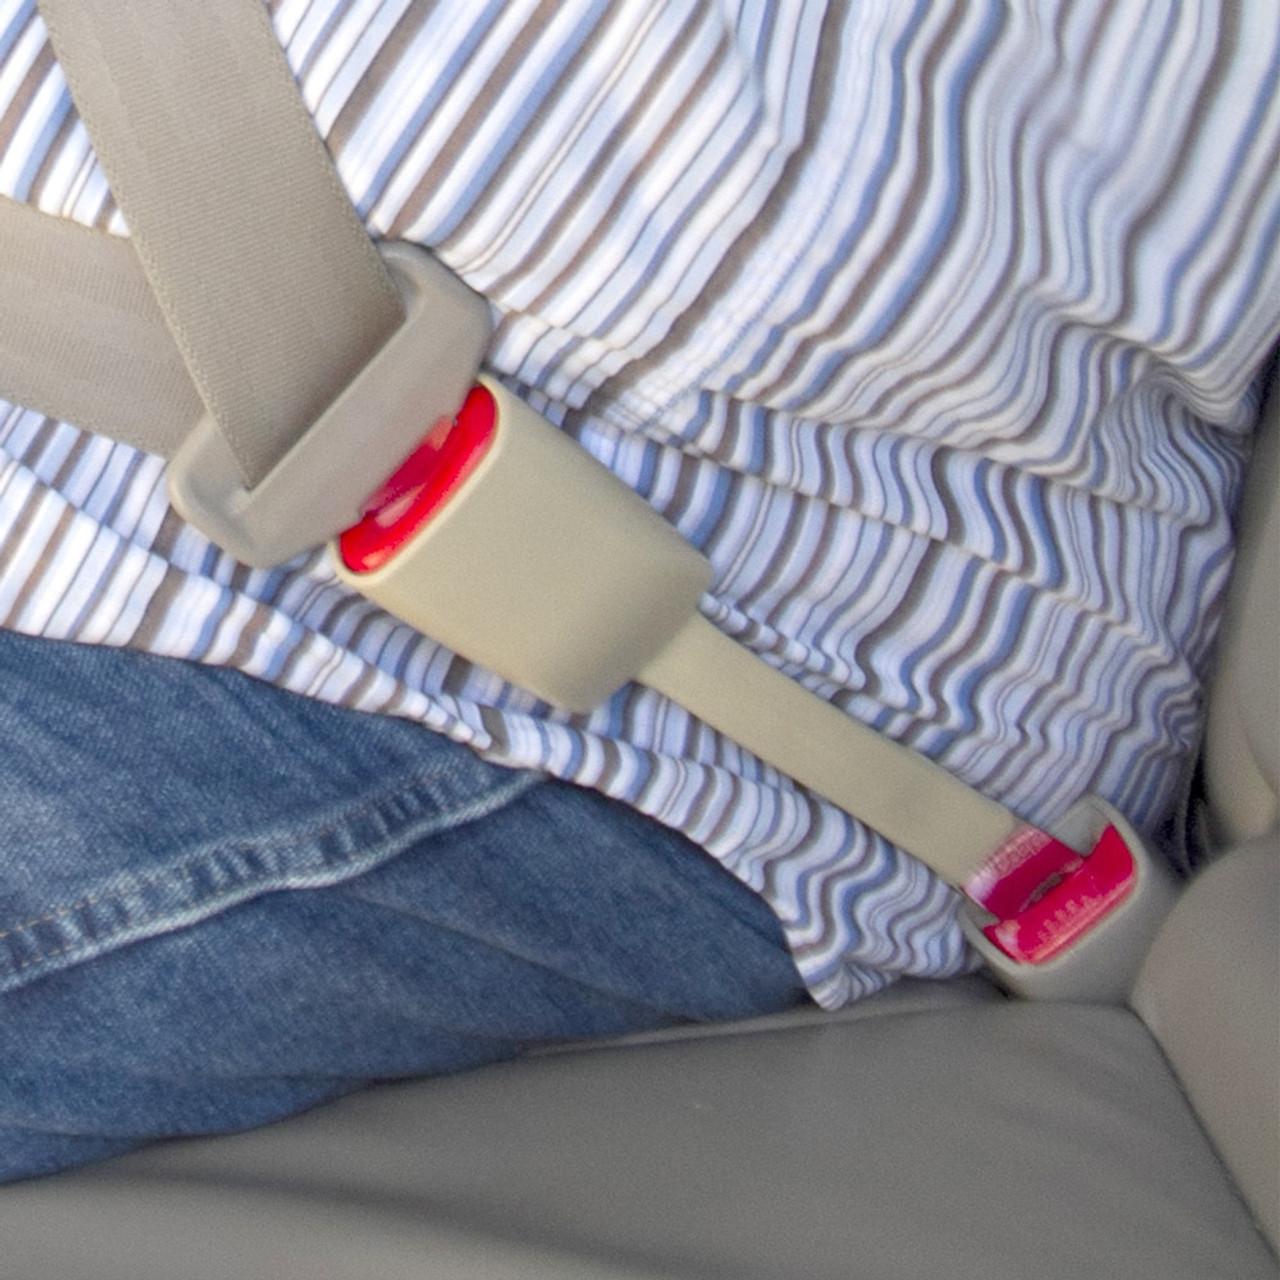 Seat Belt Extender for 2005 Volkswagen Passat 2nd Row Window Seats